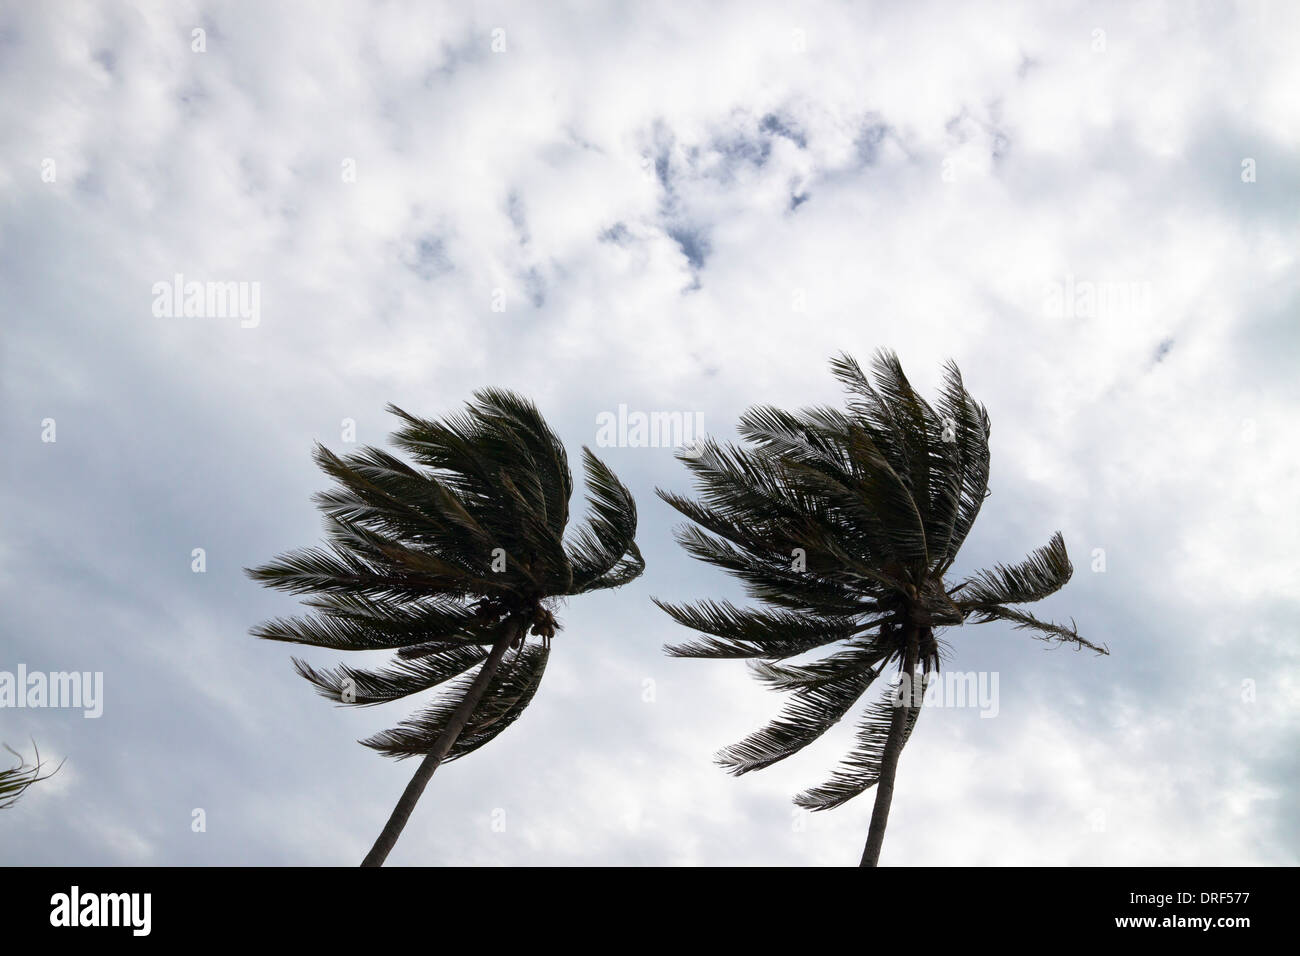 Kokosnuss-Palmen biegen bei starkem Wind. Stockbild